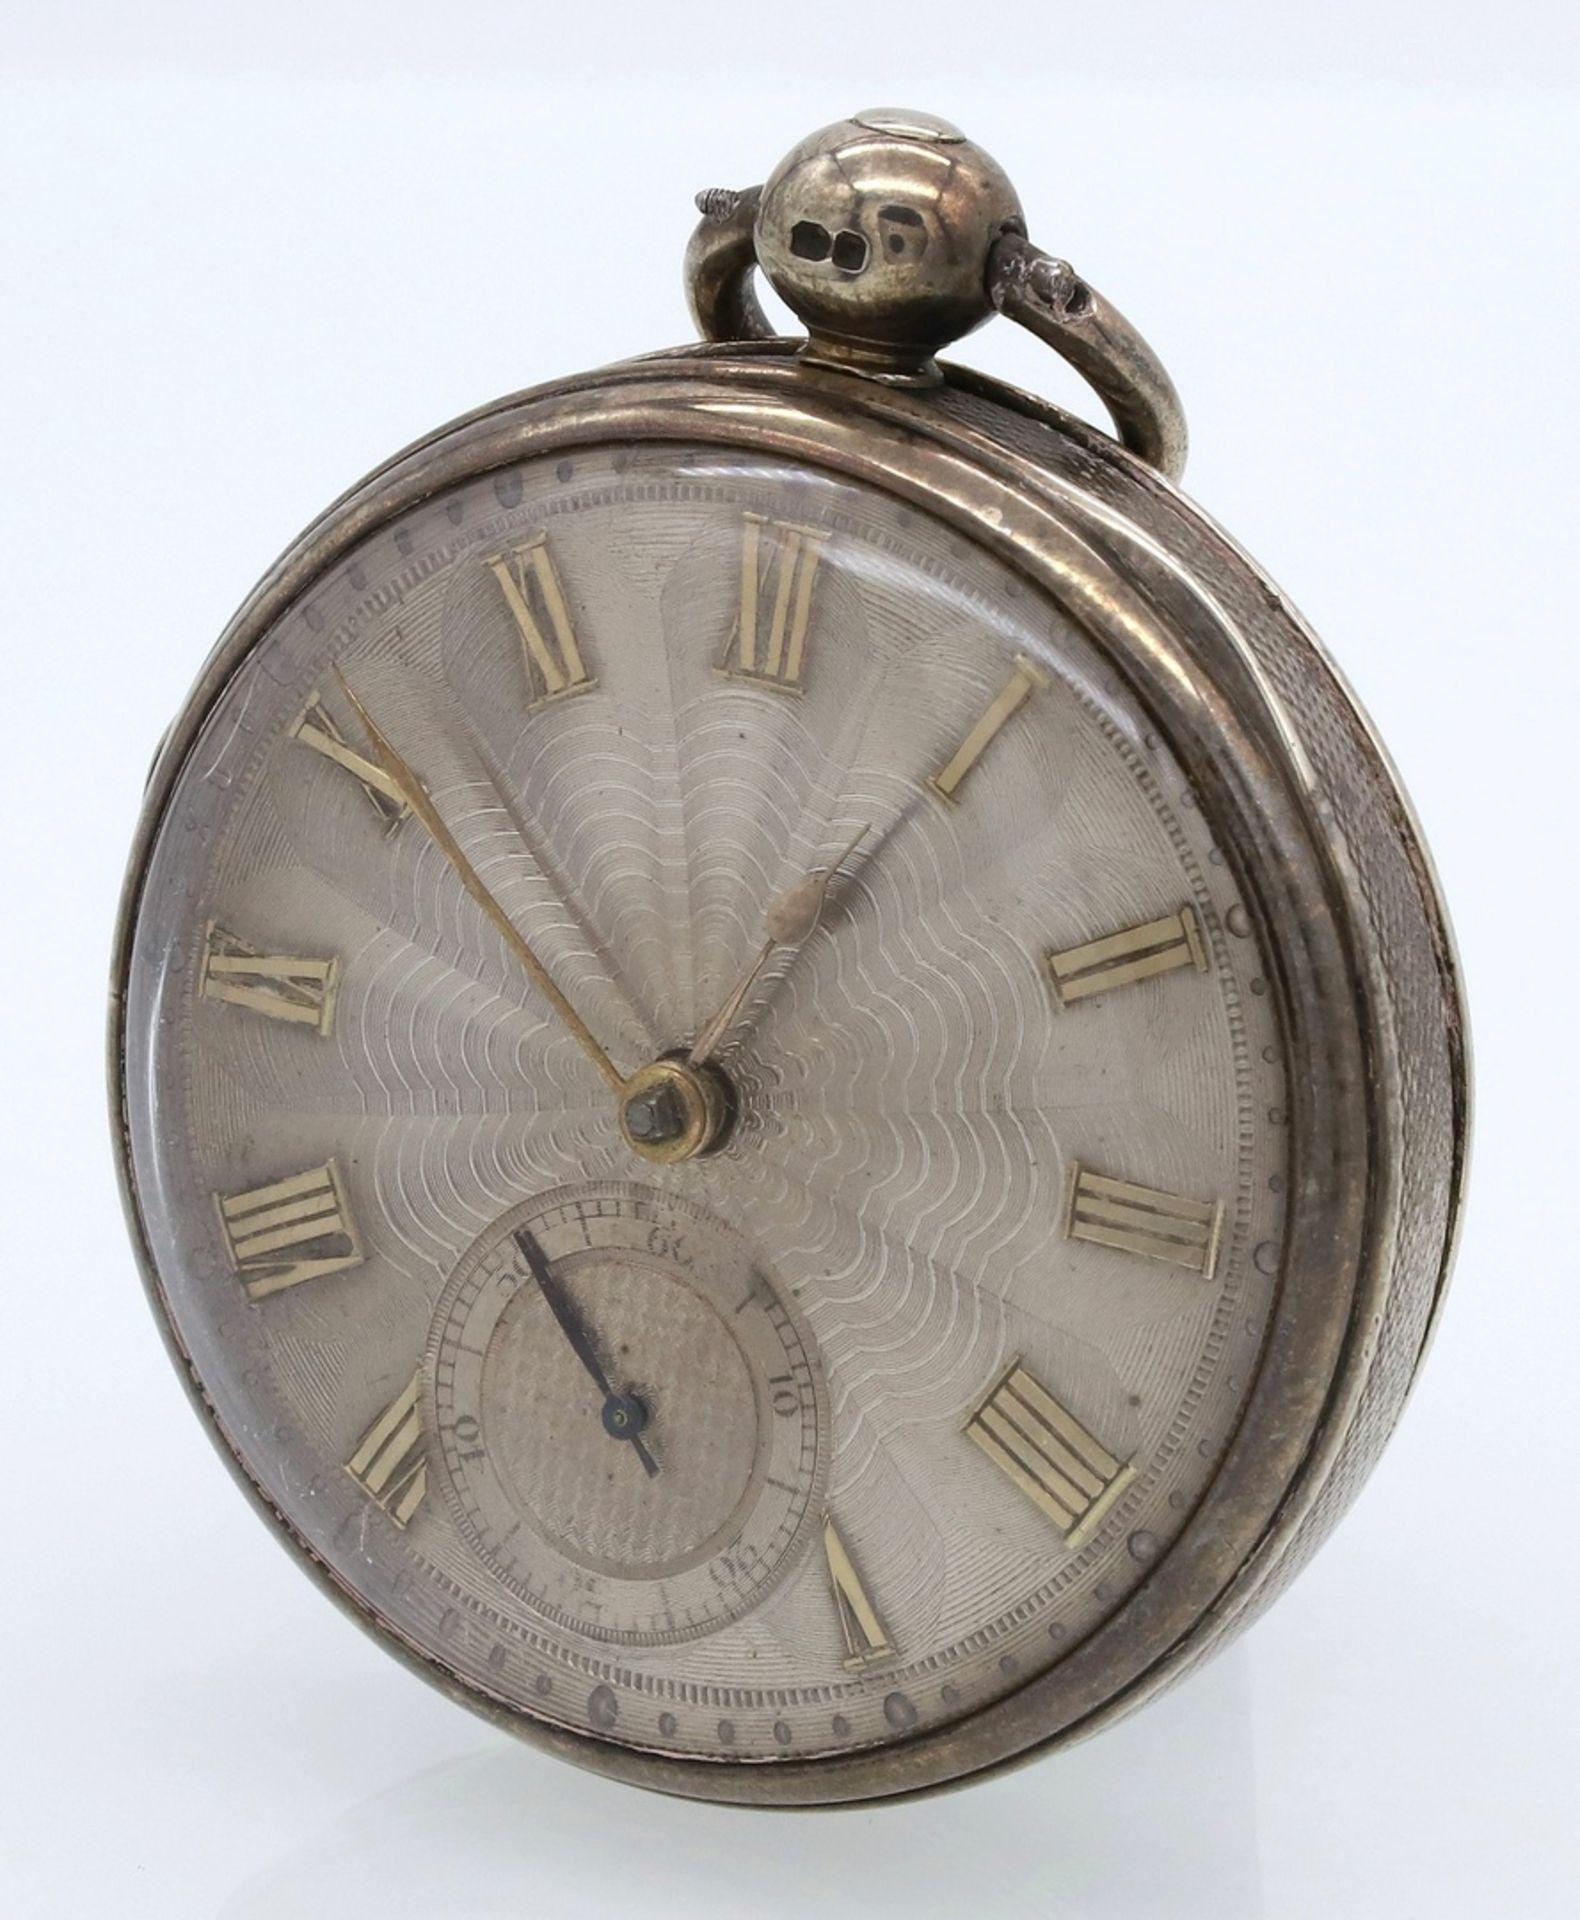 B. Sirrill Hereford englische Spindeltaschenuhr, von 1831 - Bild 3 aus 6